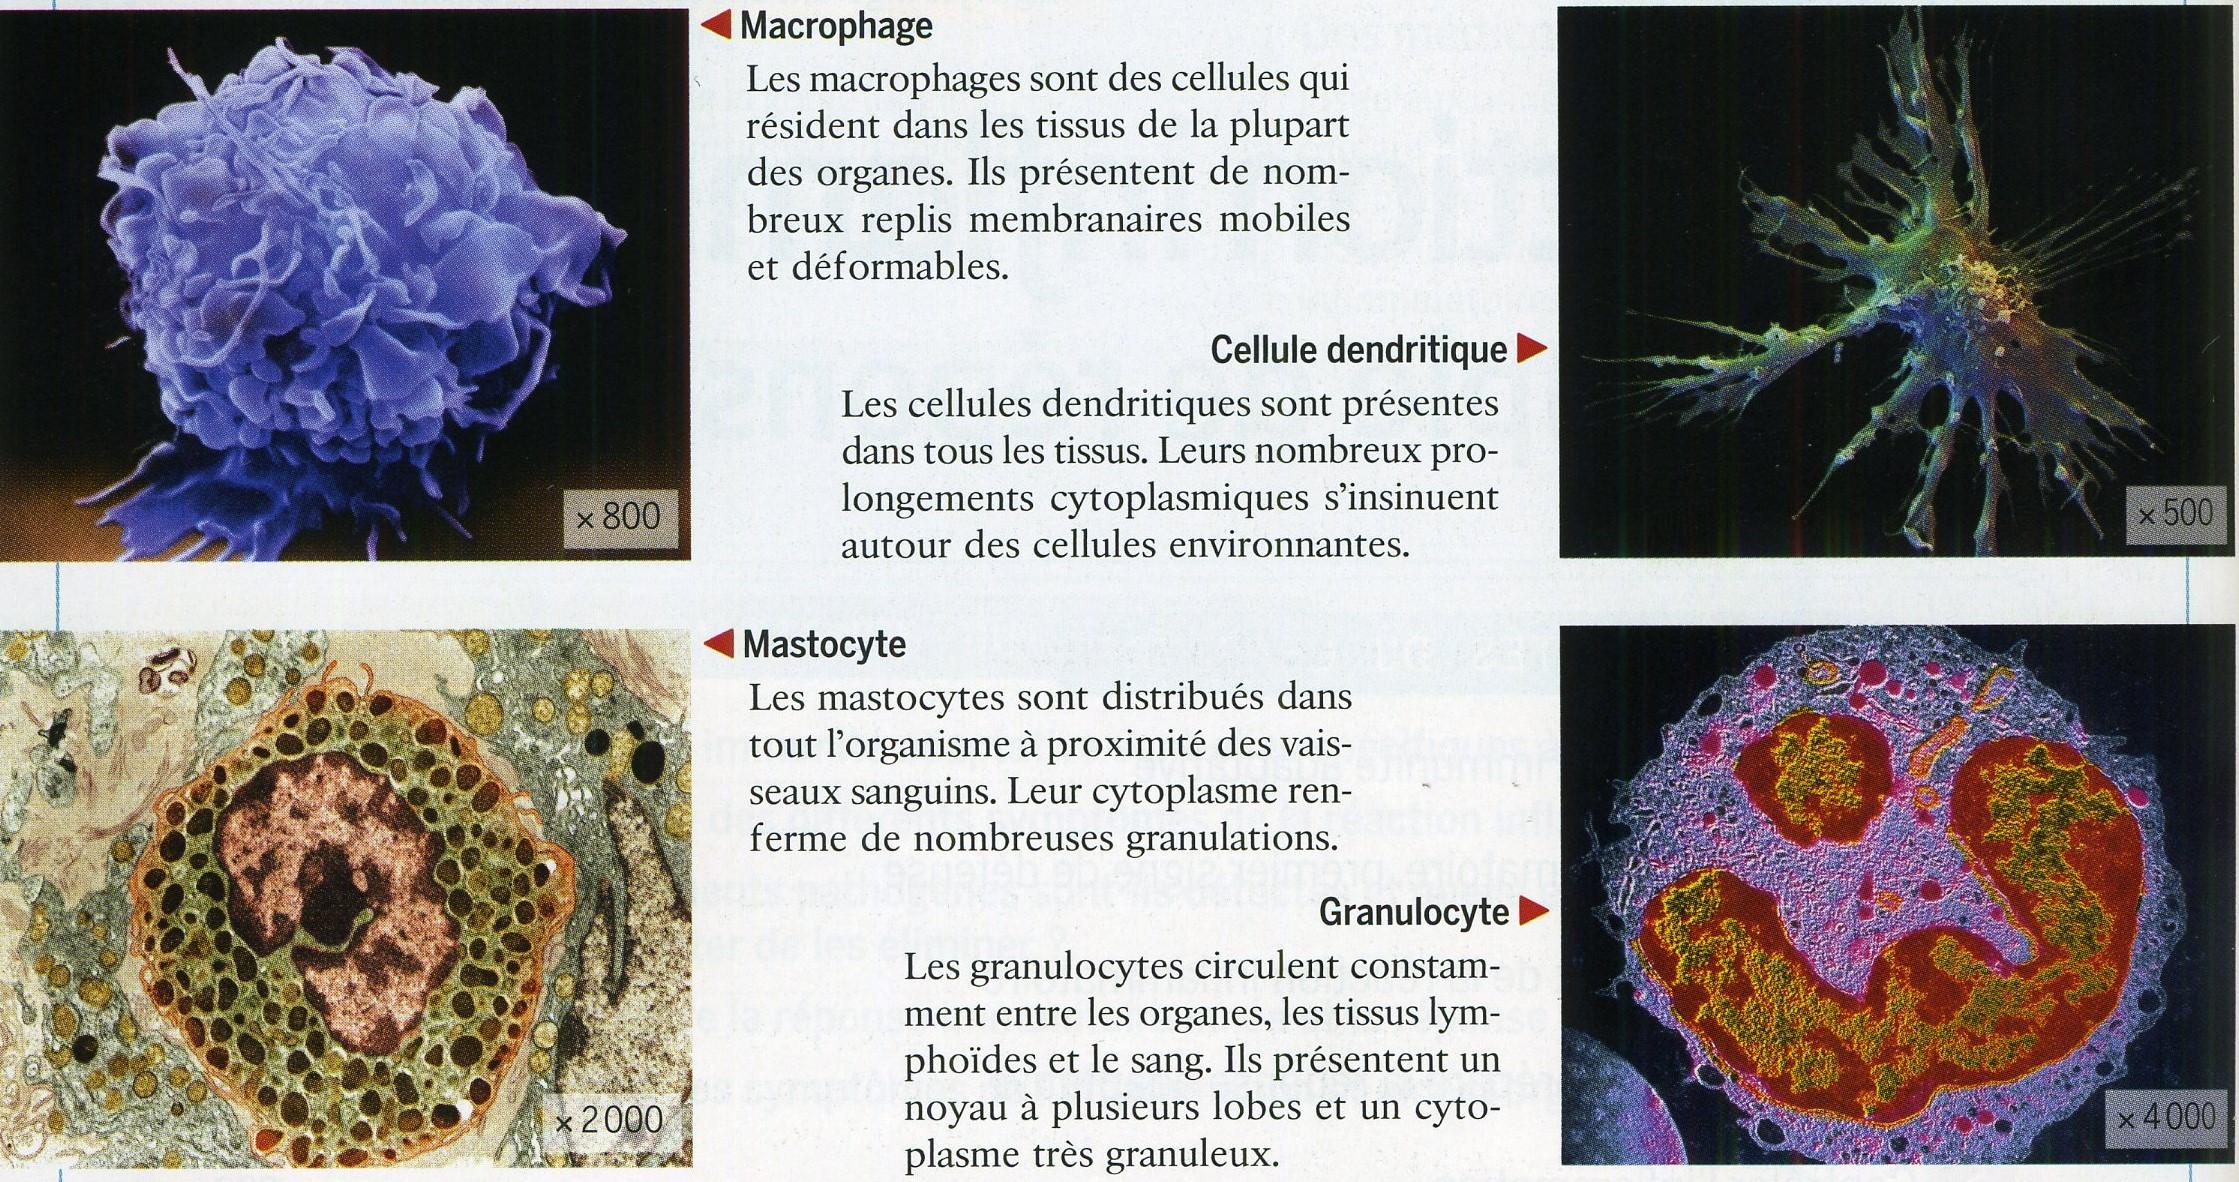 Macrophage Mastocyte Granulocyte